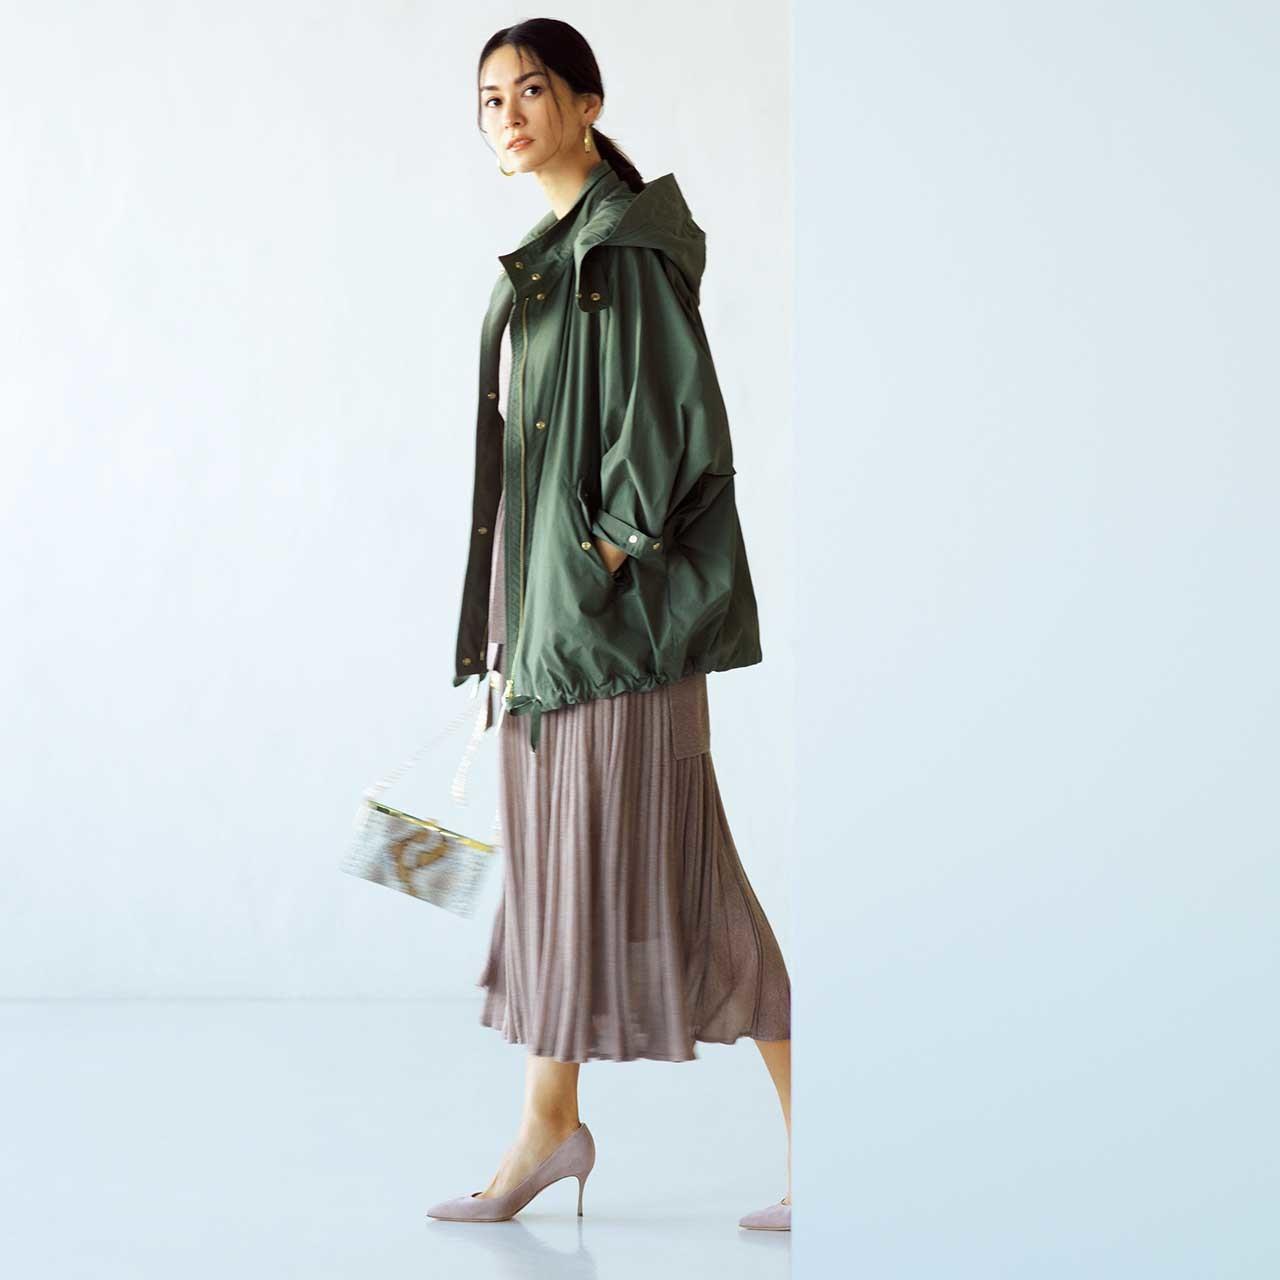 カーキのフード付きブルゾン×スカートコーデを着たモデルのブレンダさん